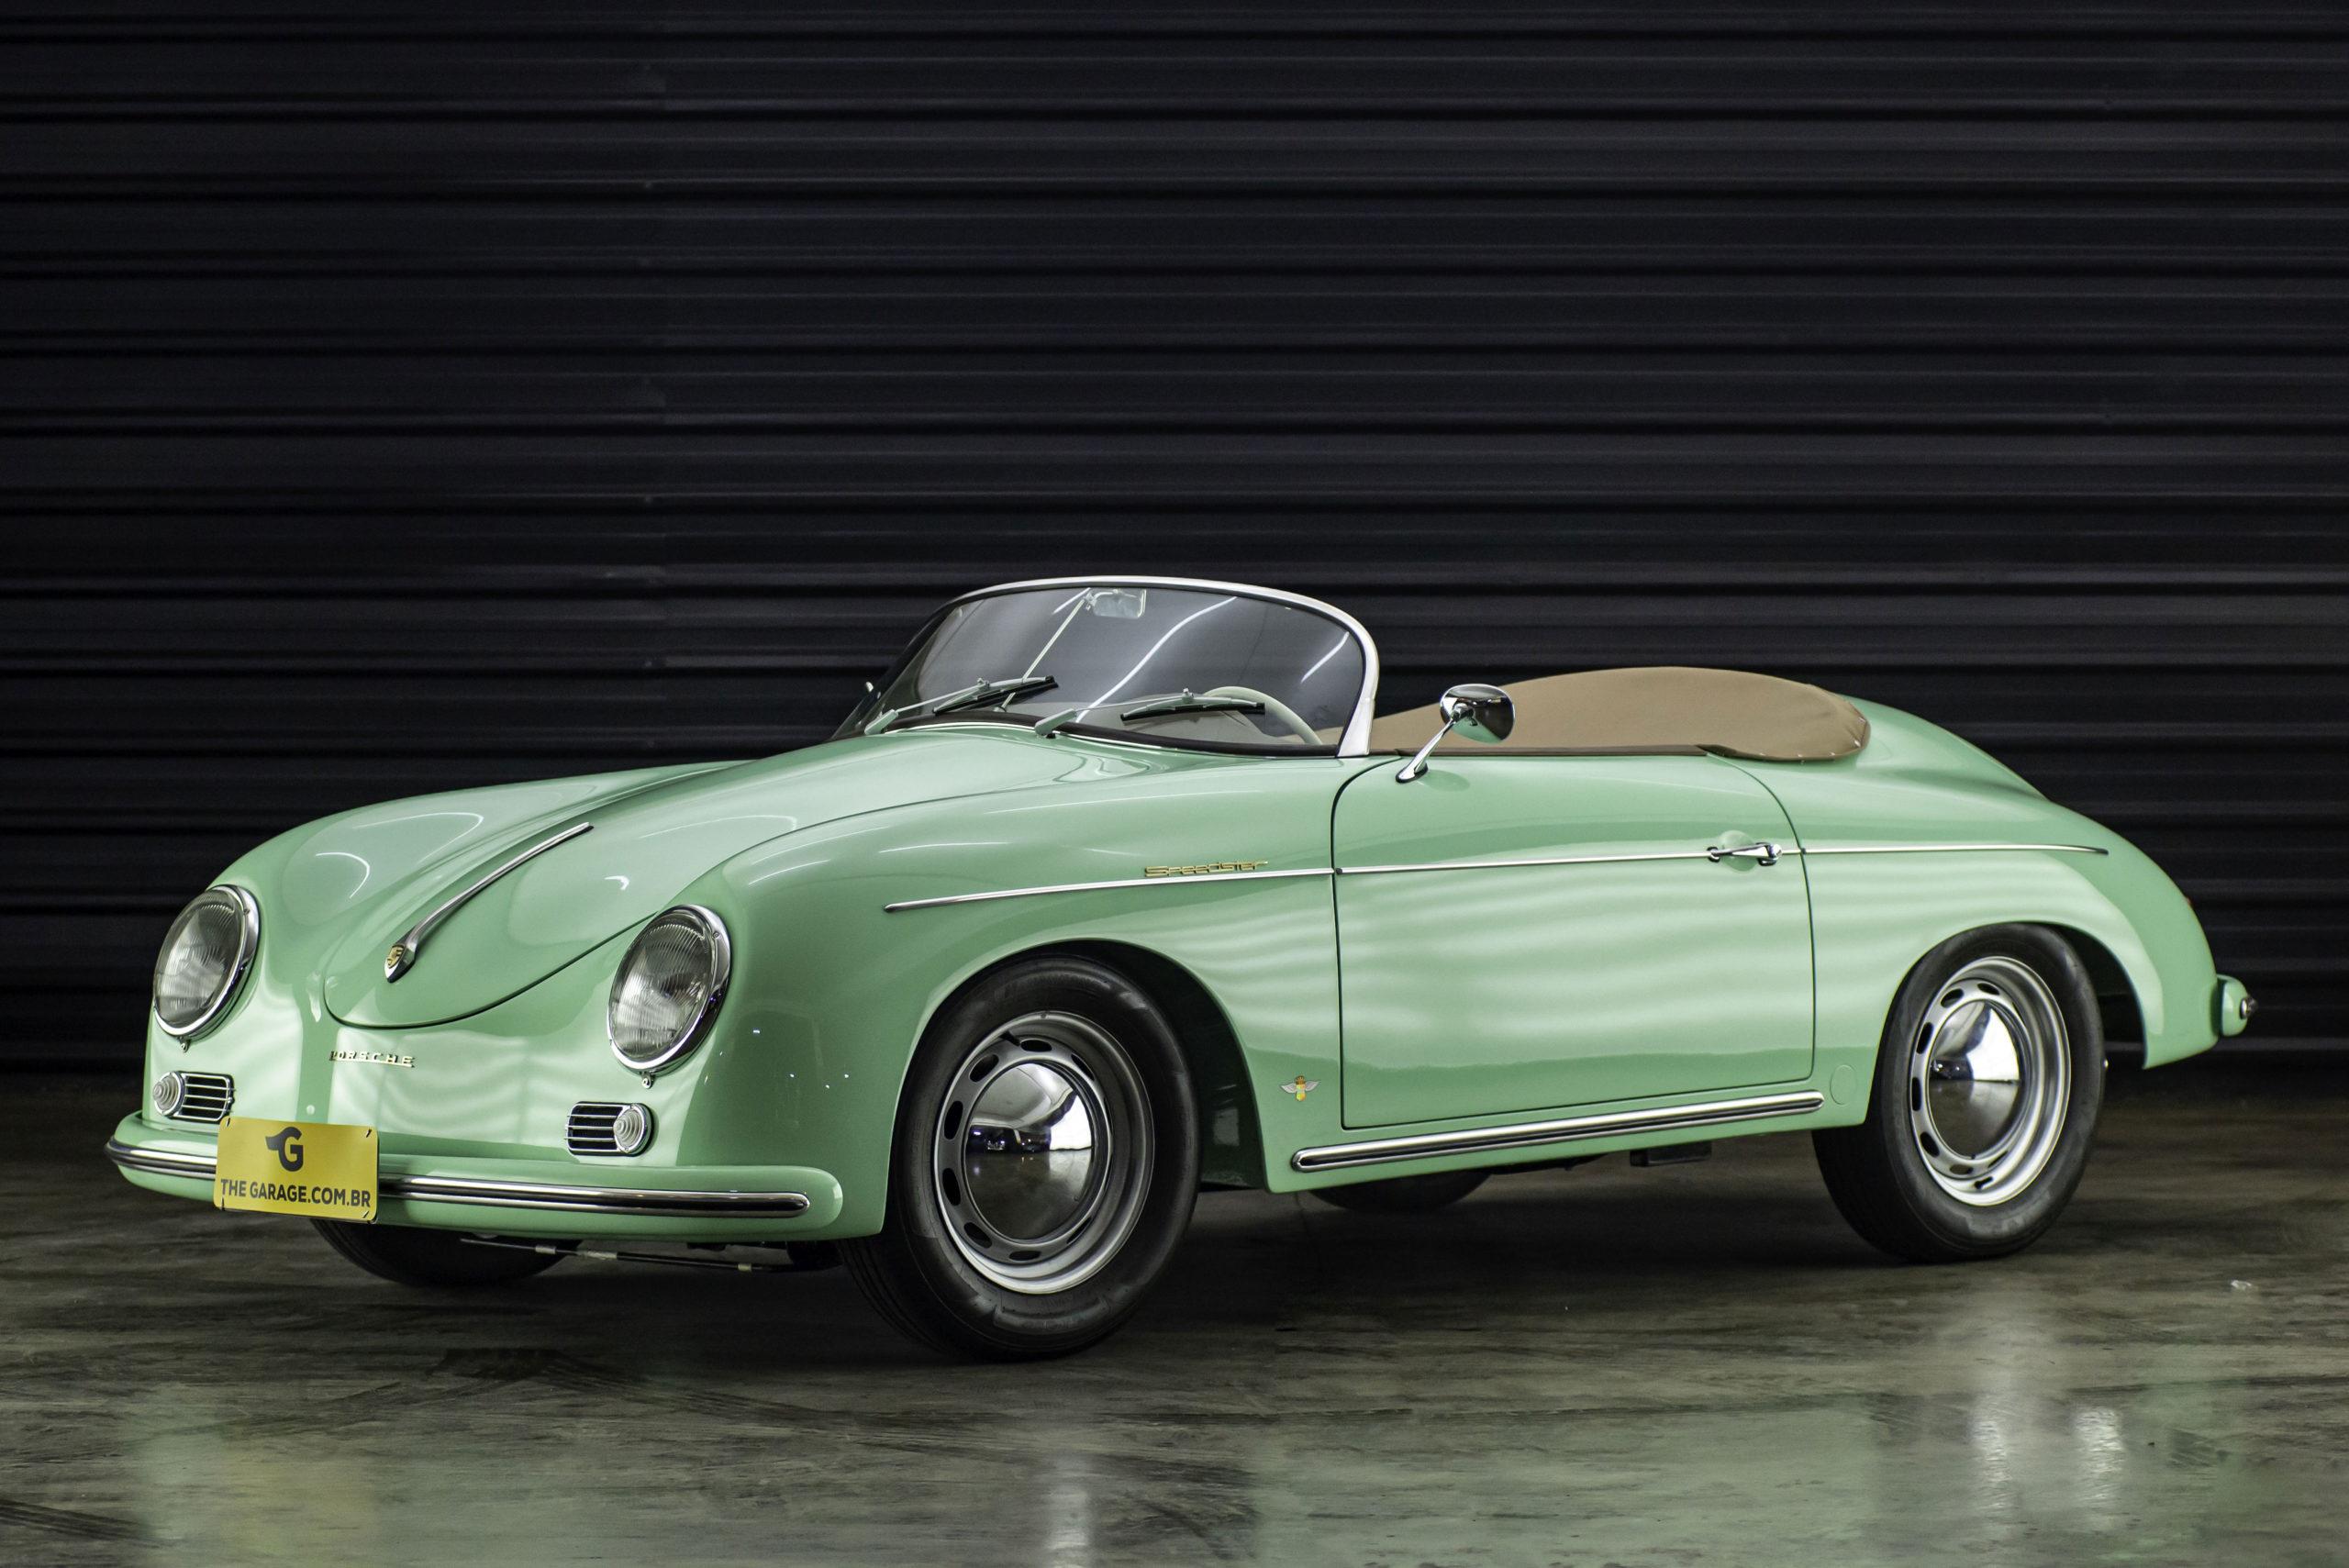 porsche-replica-356-a-venda-sao-paulo-sp-for-sale-the-garage-classicos-a-venda-loja-de-carros-antigos--18